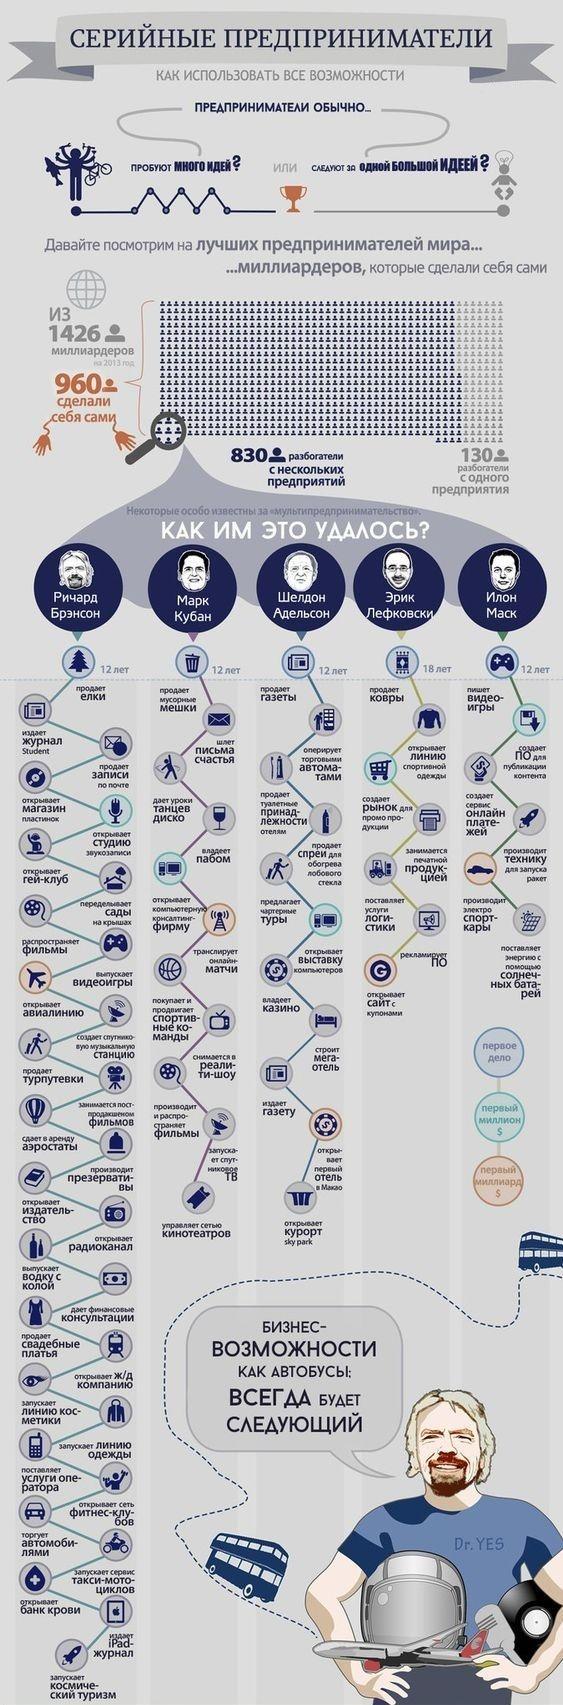 Мультипредприниматели инфографика, Миллиардеры, длиннопост